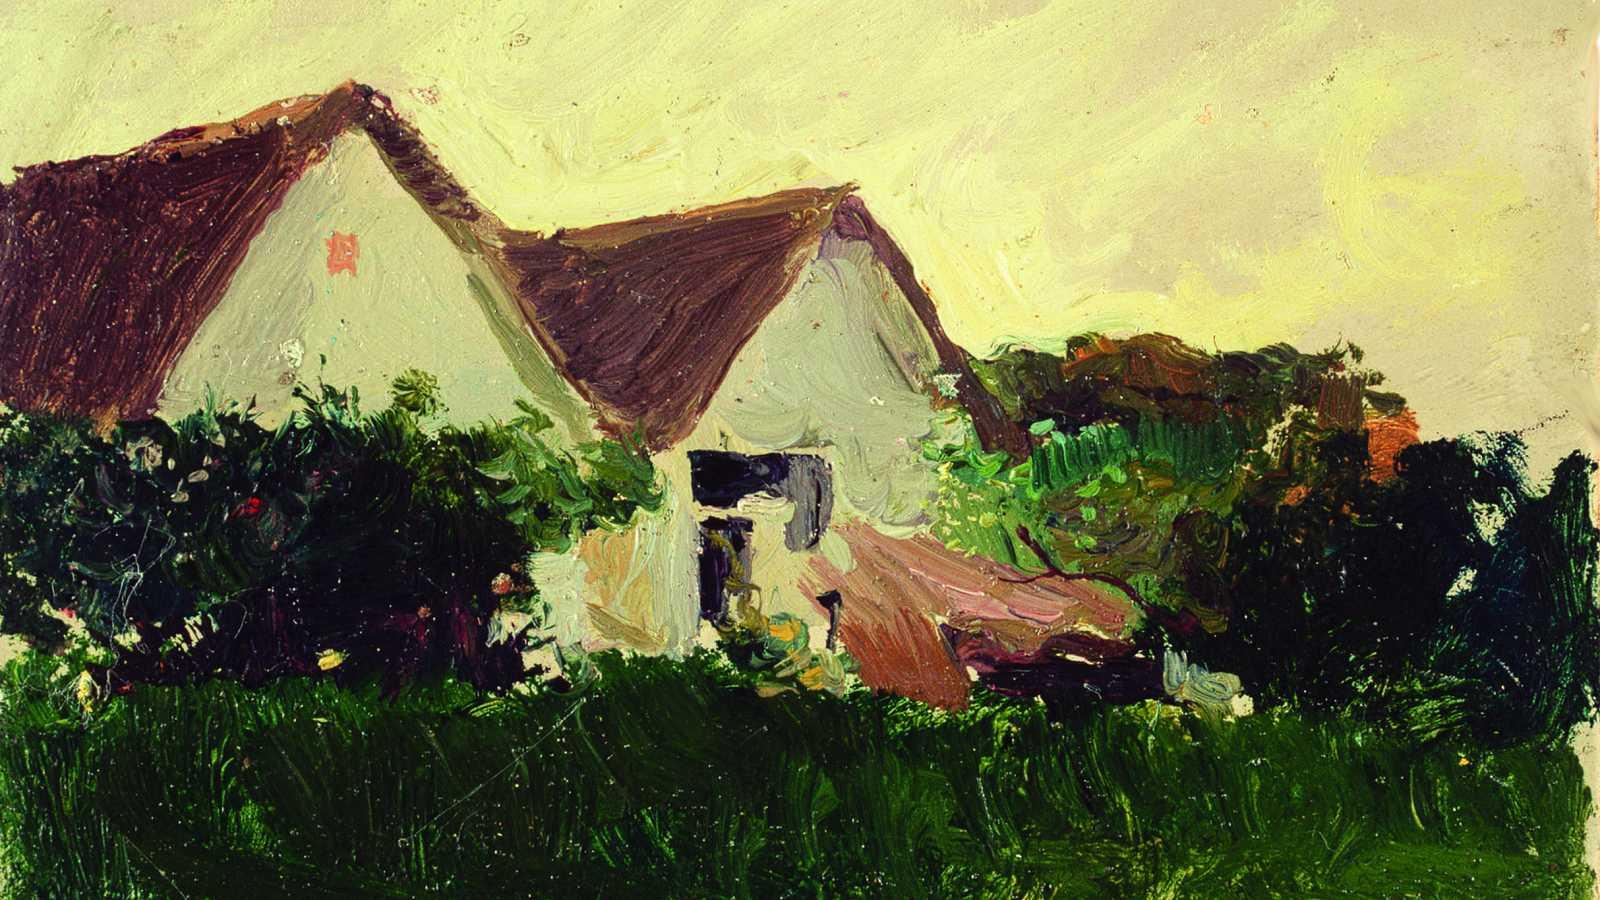 Punto de enlace - Paisajes de España en la exposición 'Sorolla, tierra adentro' - 09/05/16 - escuchar ahora